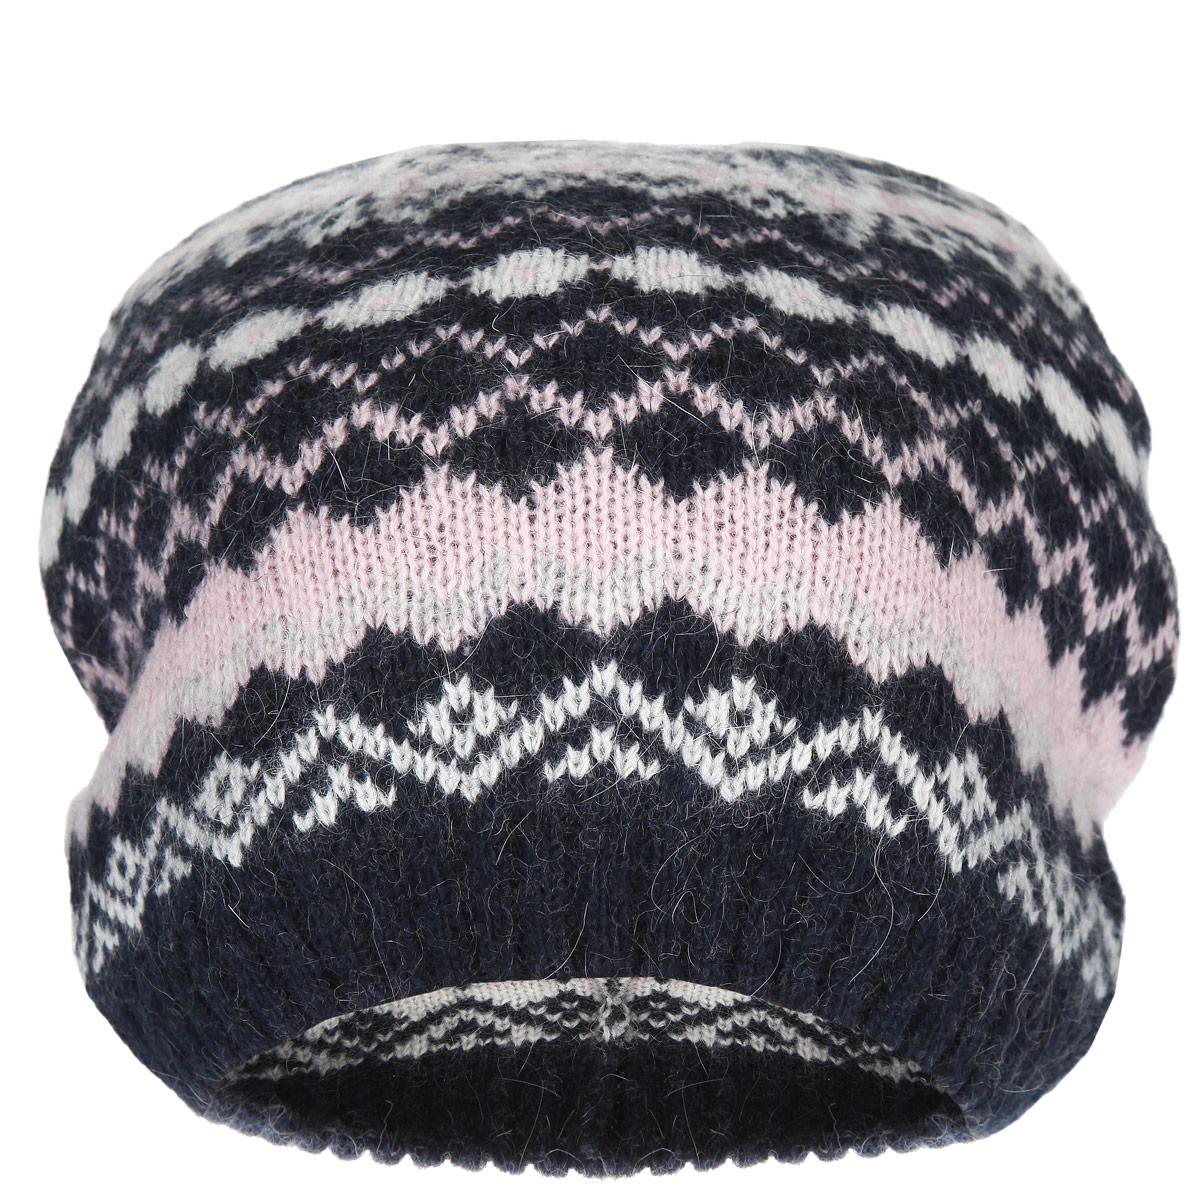 Шапка женская. HAk-141/155AY-5404HAk-141/155AY-5404Стильная шапка Sela идеально подойдет для прогулок и занятия спортом в прохладное время года. Шапка мелкой вязки изготовлена из мягкой высококачественной пряжи, она обладает хорошими дышащими свойствами и отлично удерживает тепло. Шапка украшена геометрическим узором в виде ромбов и треугольников. Такая шапка станет модным и стильным дополнением вашего зимнего гардероба. Она поднимет вам настроение даже в самые морозные дни! Уважаемые клиенты! Размер, доступный для заказа, является обхватом головы.